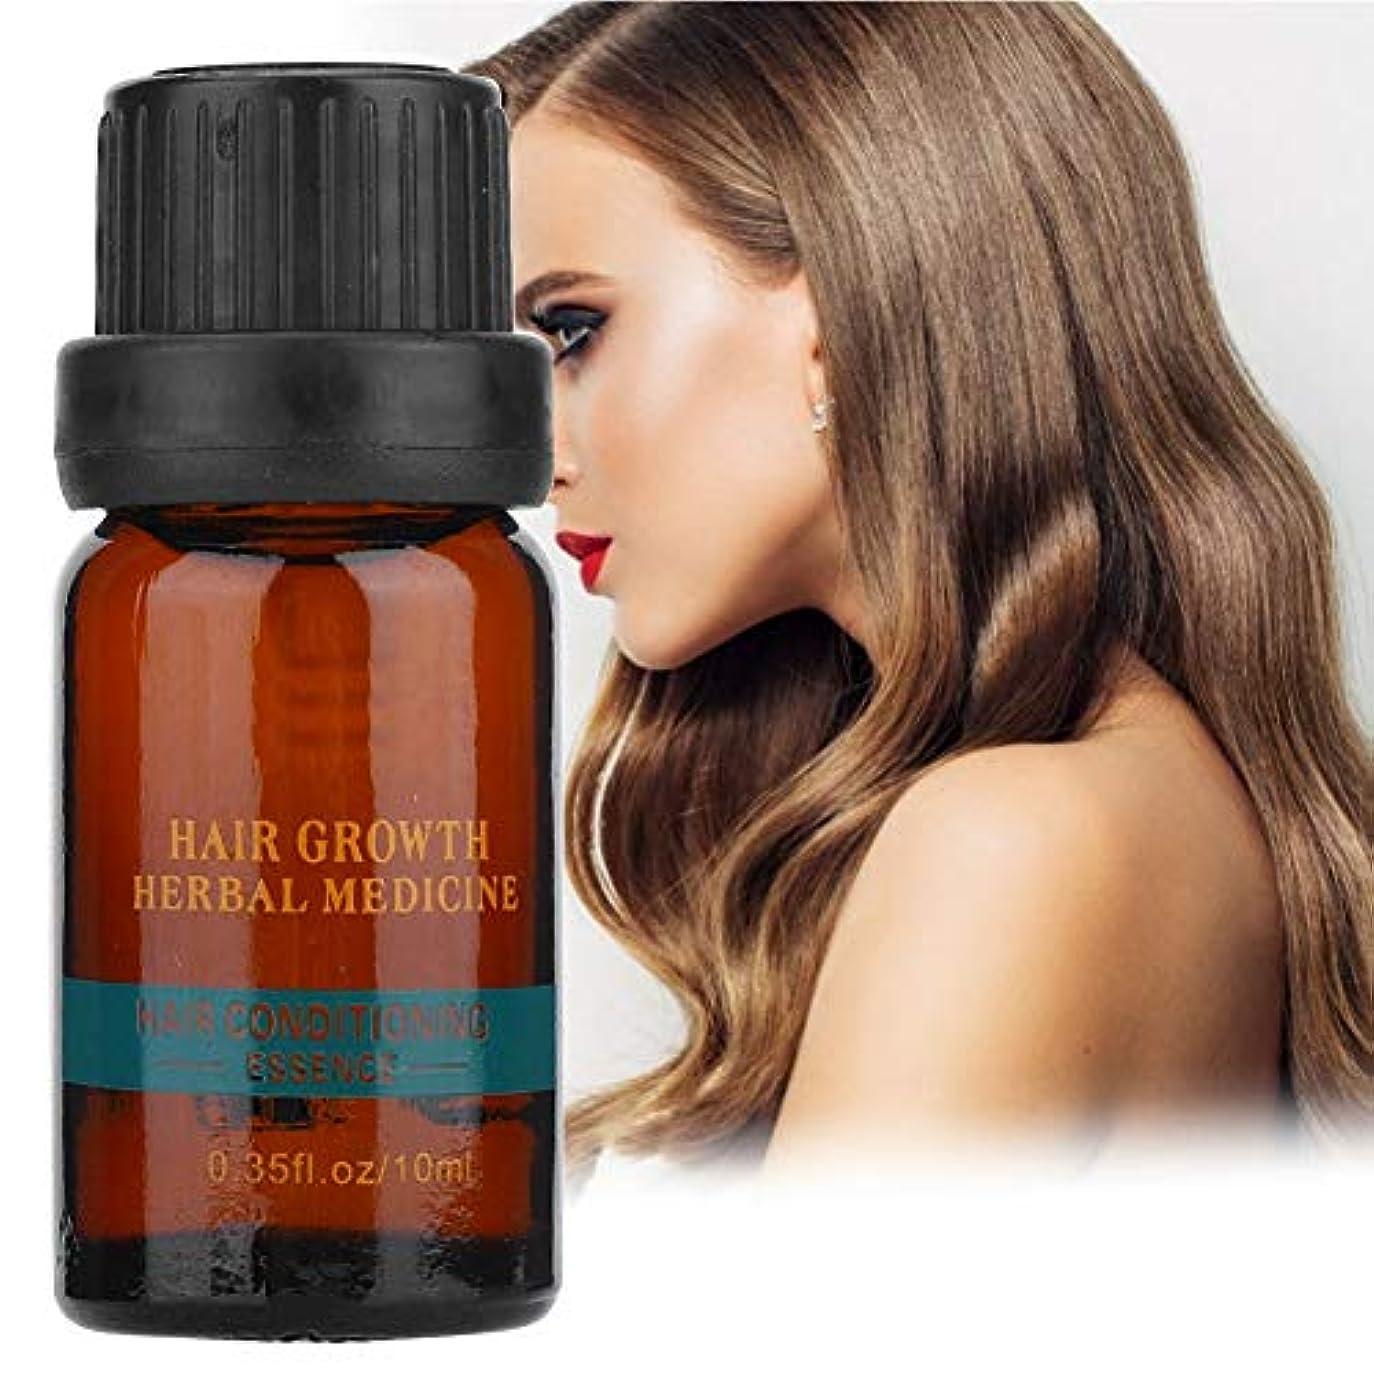 優越仲人荒涼としたヘアケアセラム、脱毛液10ML天然植物エキスヘアケア栄養セラムヘアコンディショニング育毛セラム